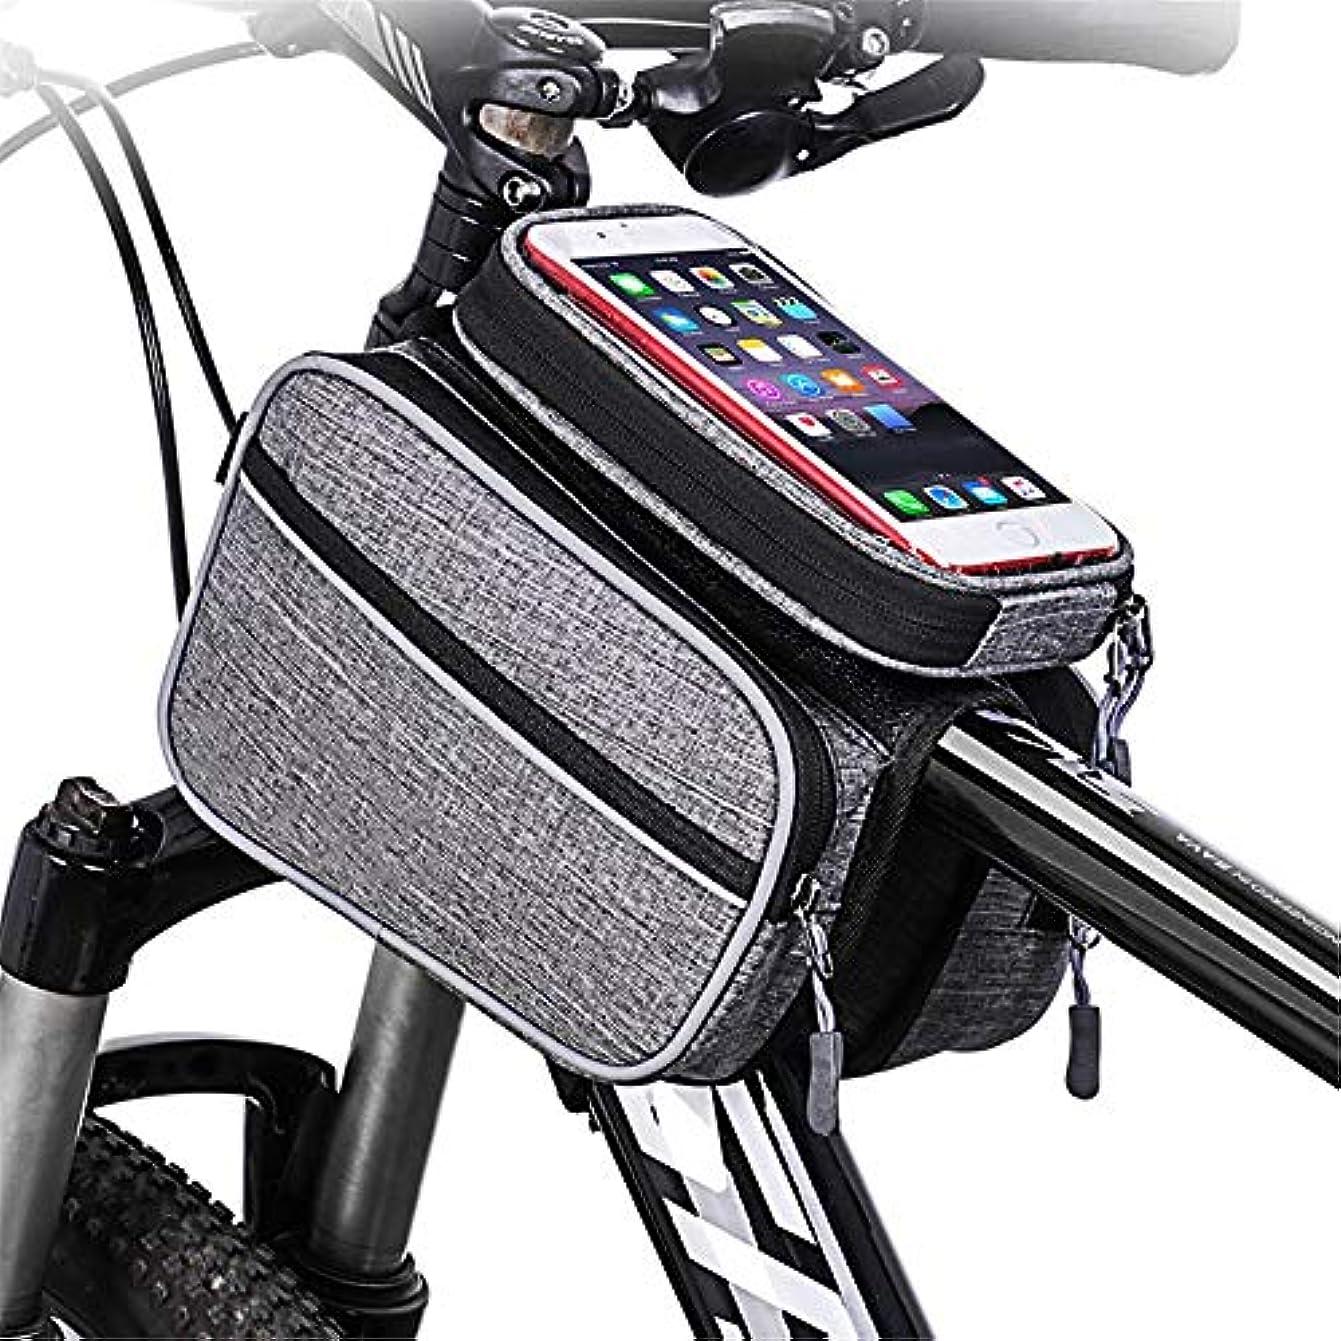 乳剤シェフ虚弱自転車フレームバッグ 表示可能なウィンドウバイクフレームフロントビーム管自転車フロントチューブフレームダブルバッグスマートフォンまでの6.0インチ 大容量で実用的